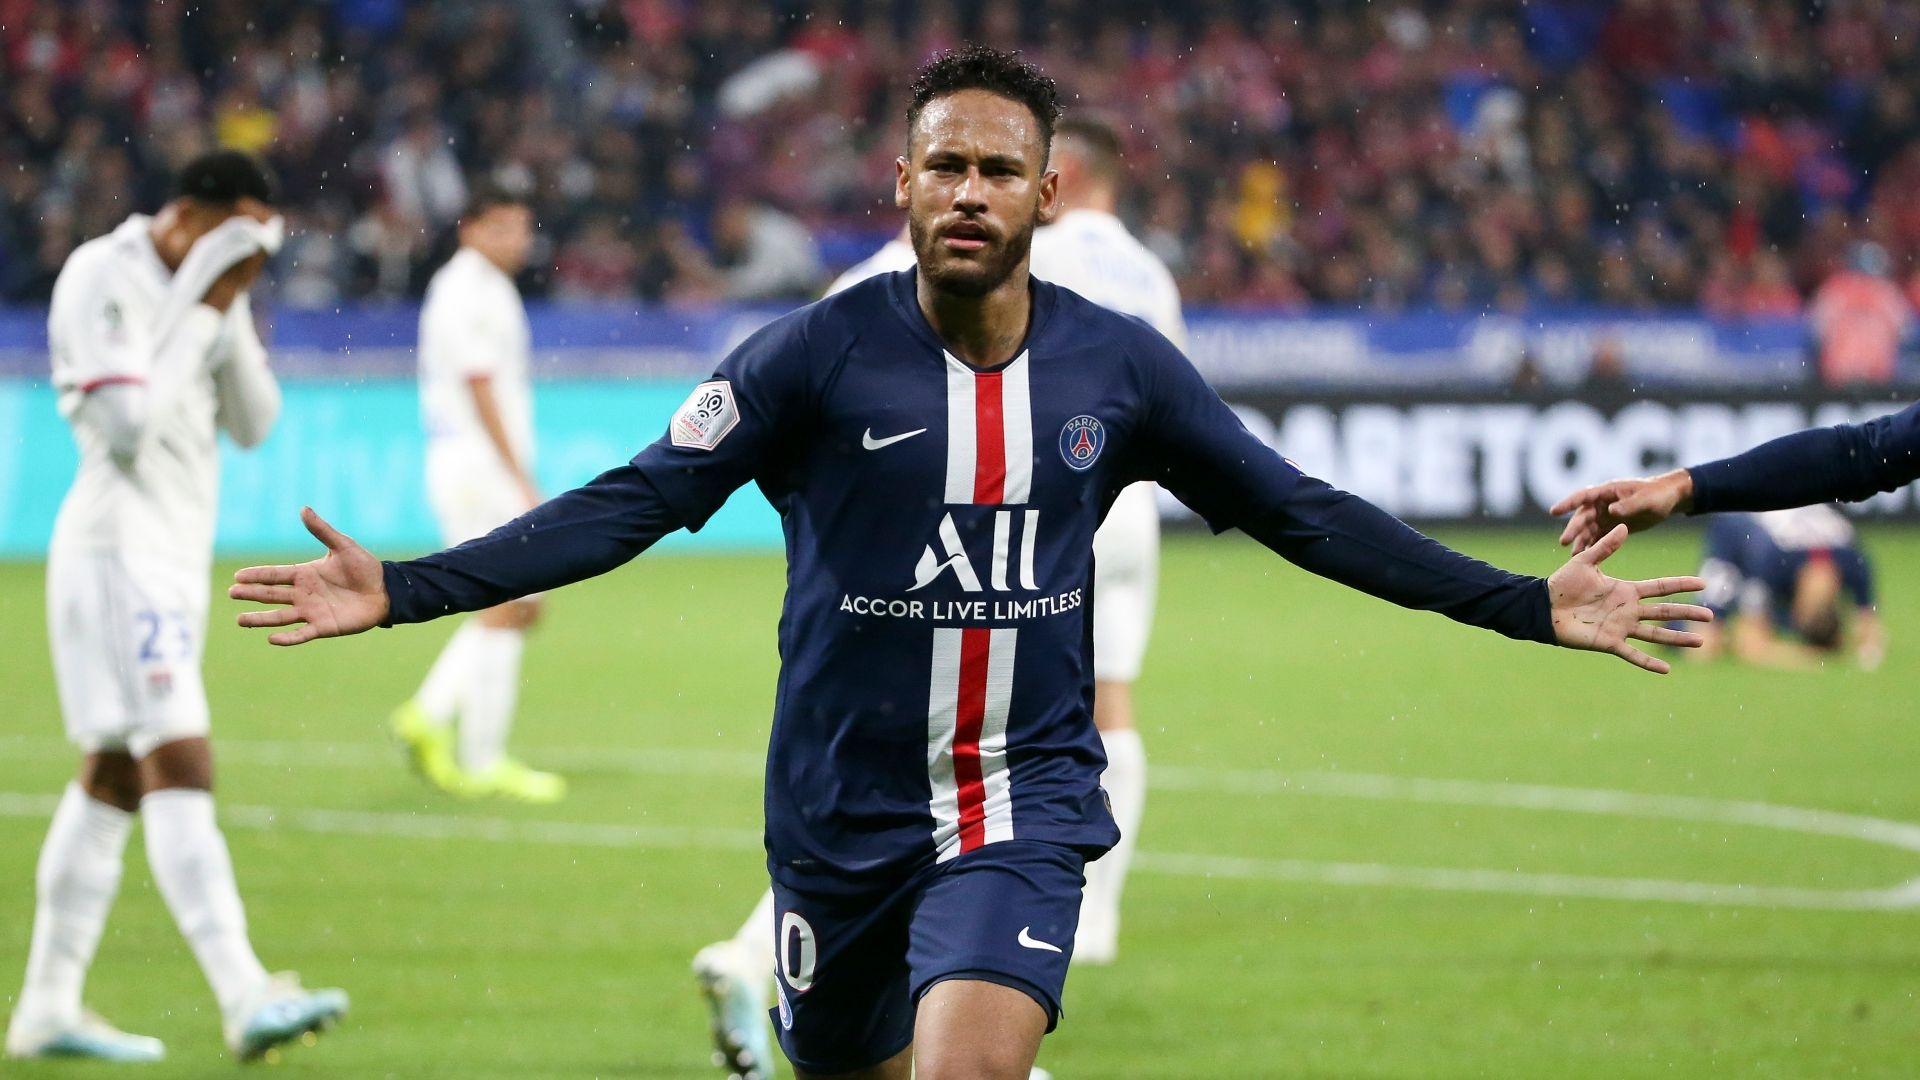 Neymar shines again in 'team win' for PSG vs. Lyon - Football Empires